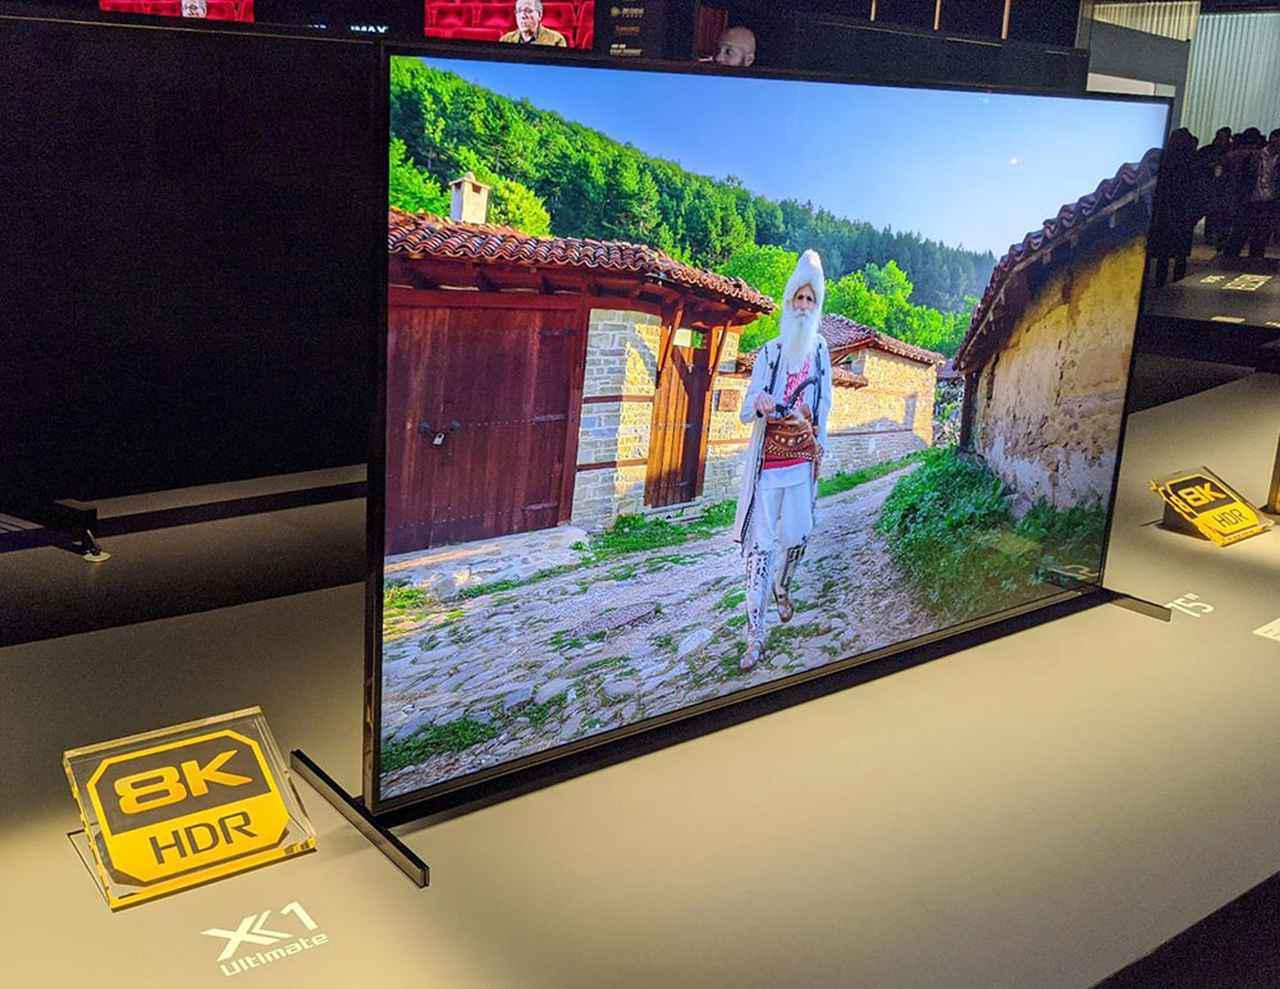 画像: 8Kの新製品、液晶テレビ「Z8H」